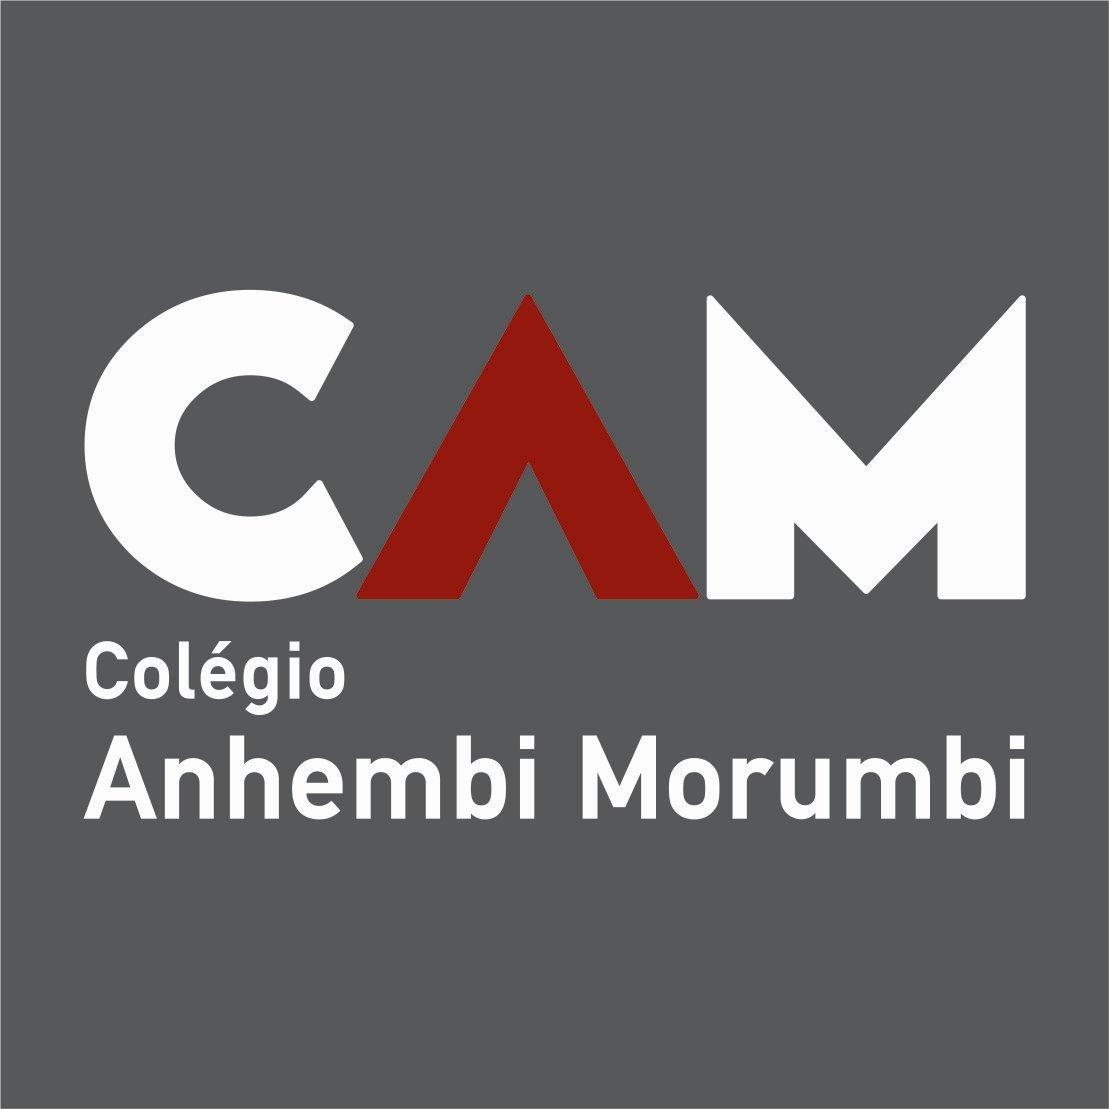 colegioanhembimorumbi